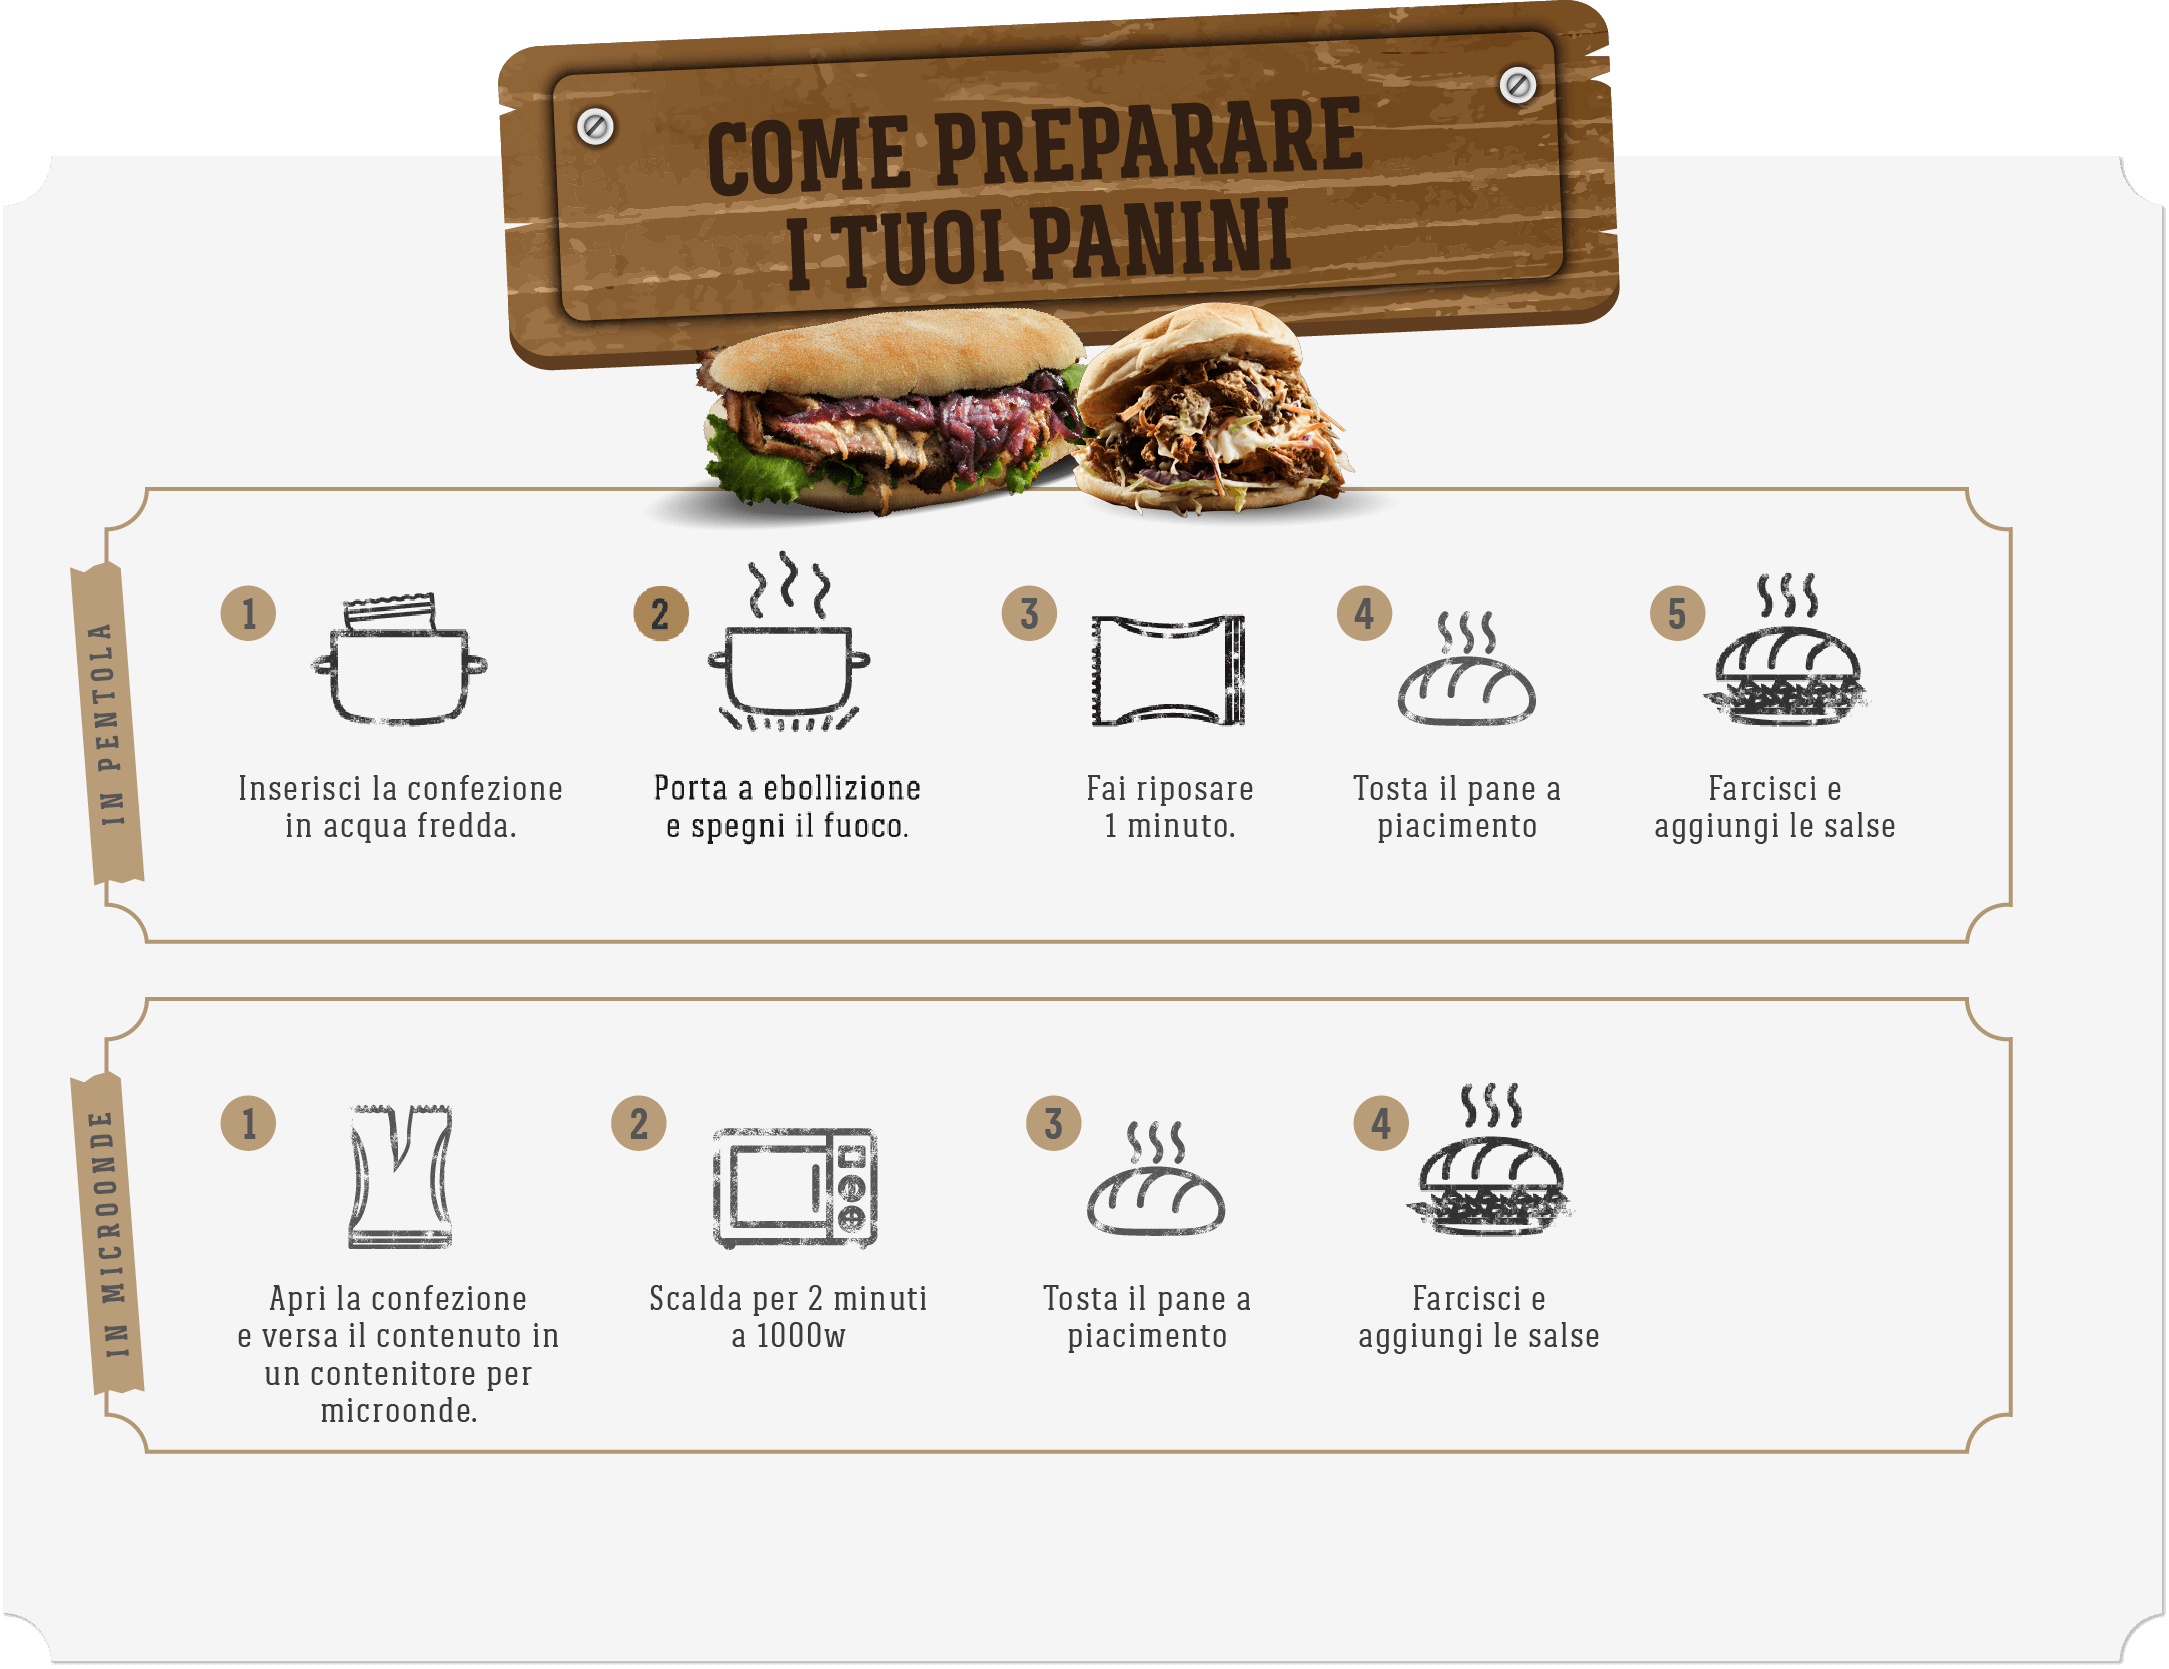 Come preparare i tuoi panini